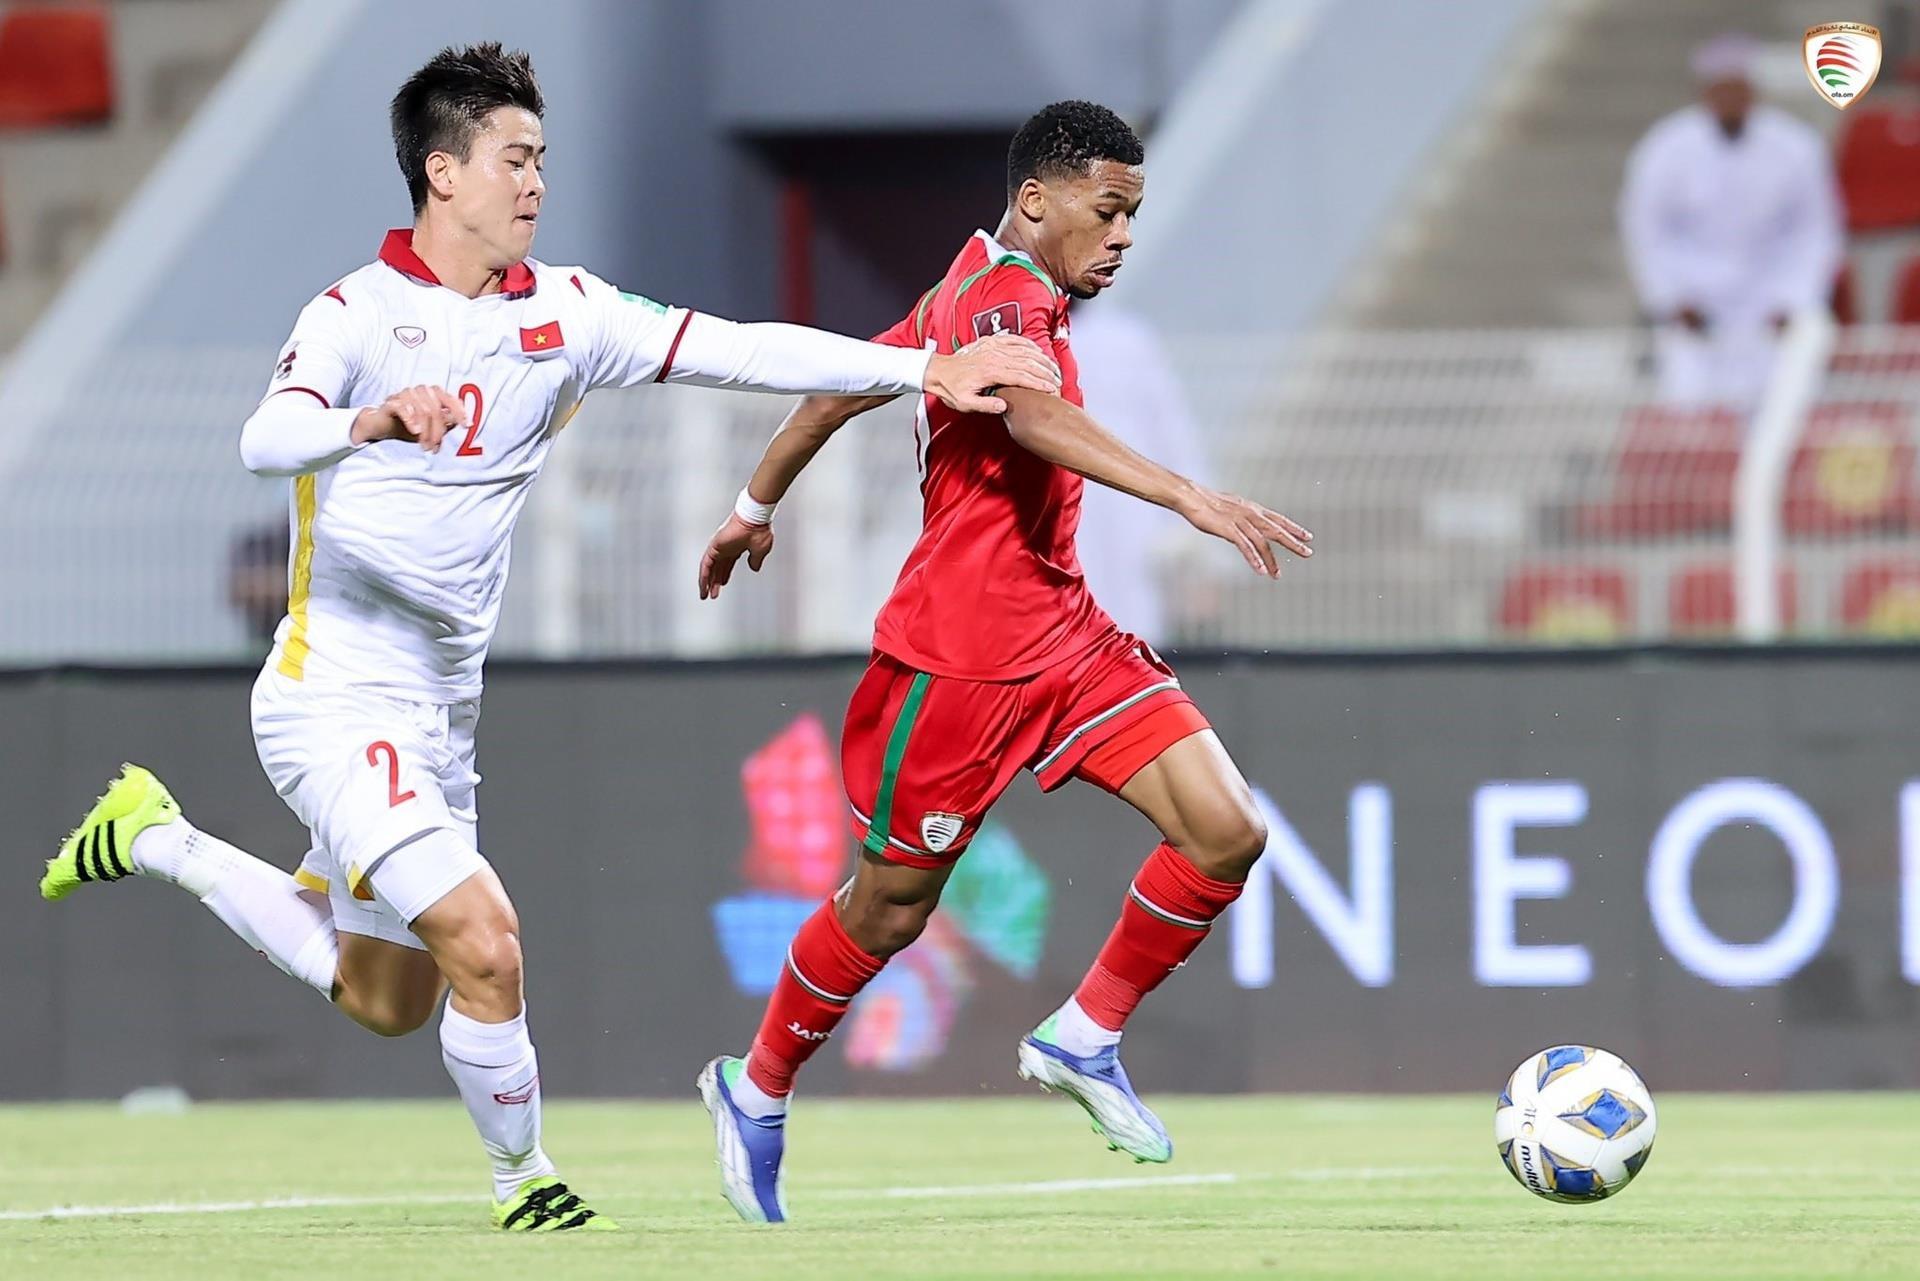 Chuyên gia: Đào tạo trẻ thiếu căn bản, cầu thủ Việt Nam dễ mắc thói quen xấu - 1